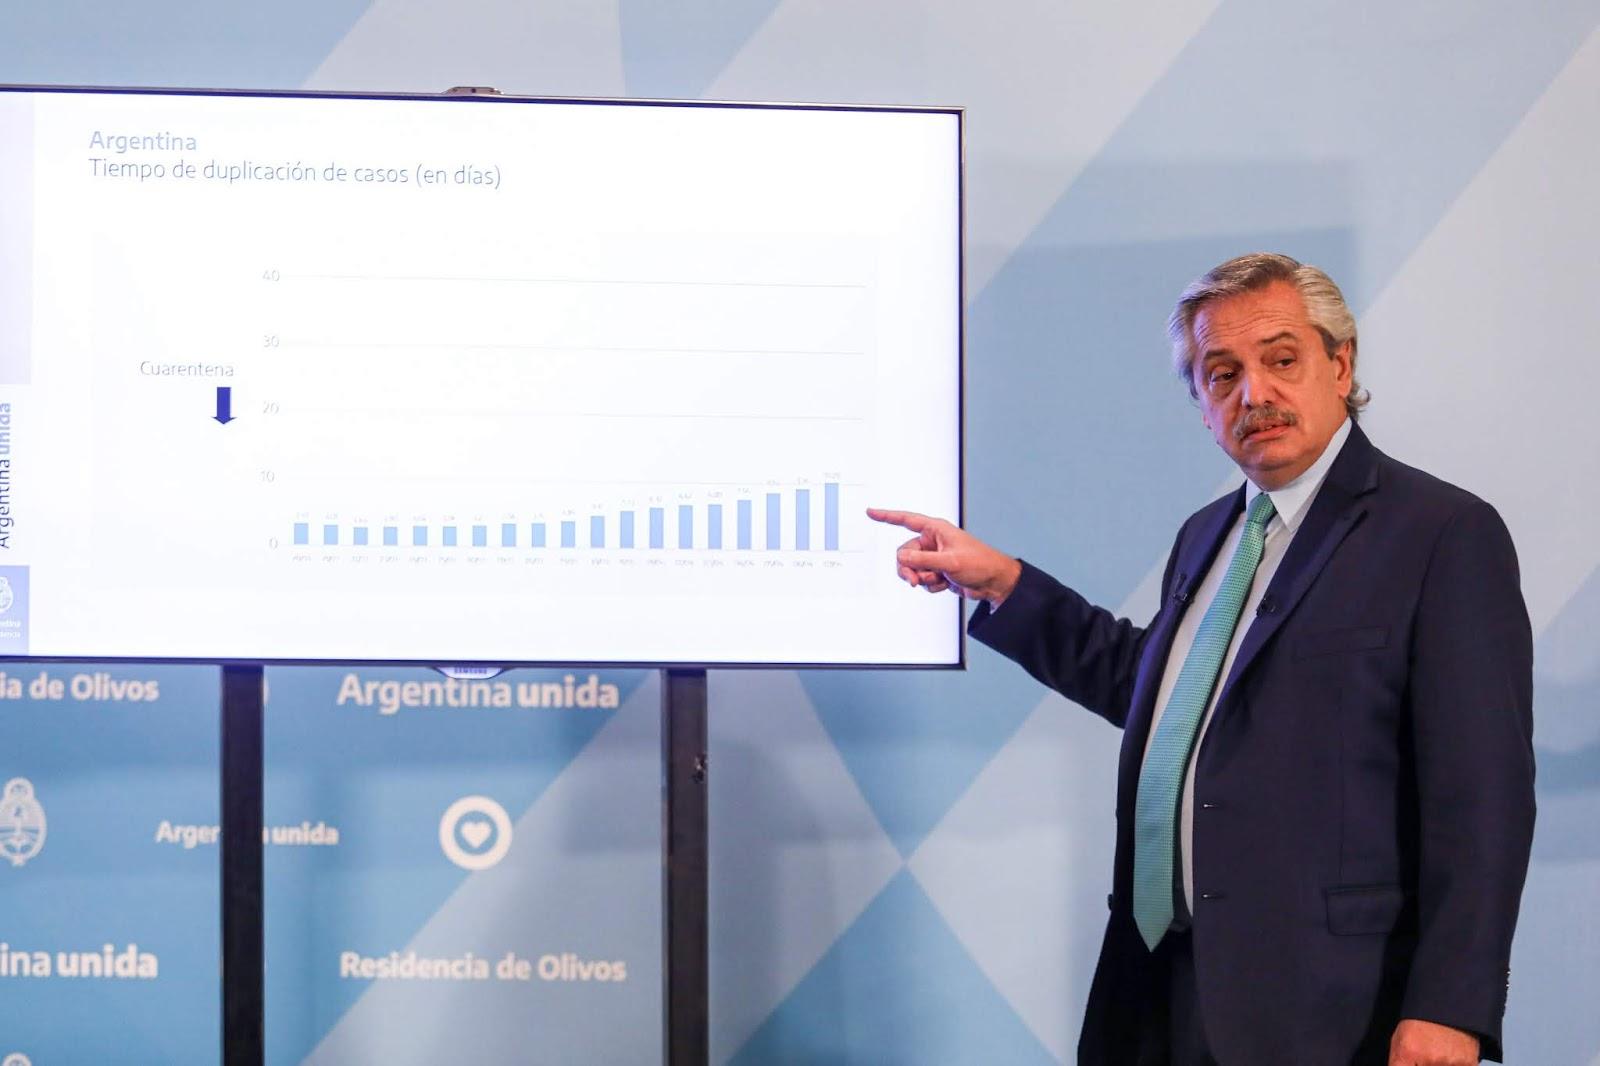 El diario británico The Guardian resaltó el éxito de medidas adoptadas por el gobierno argentino: Es lo opuesto a Brasil